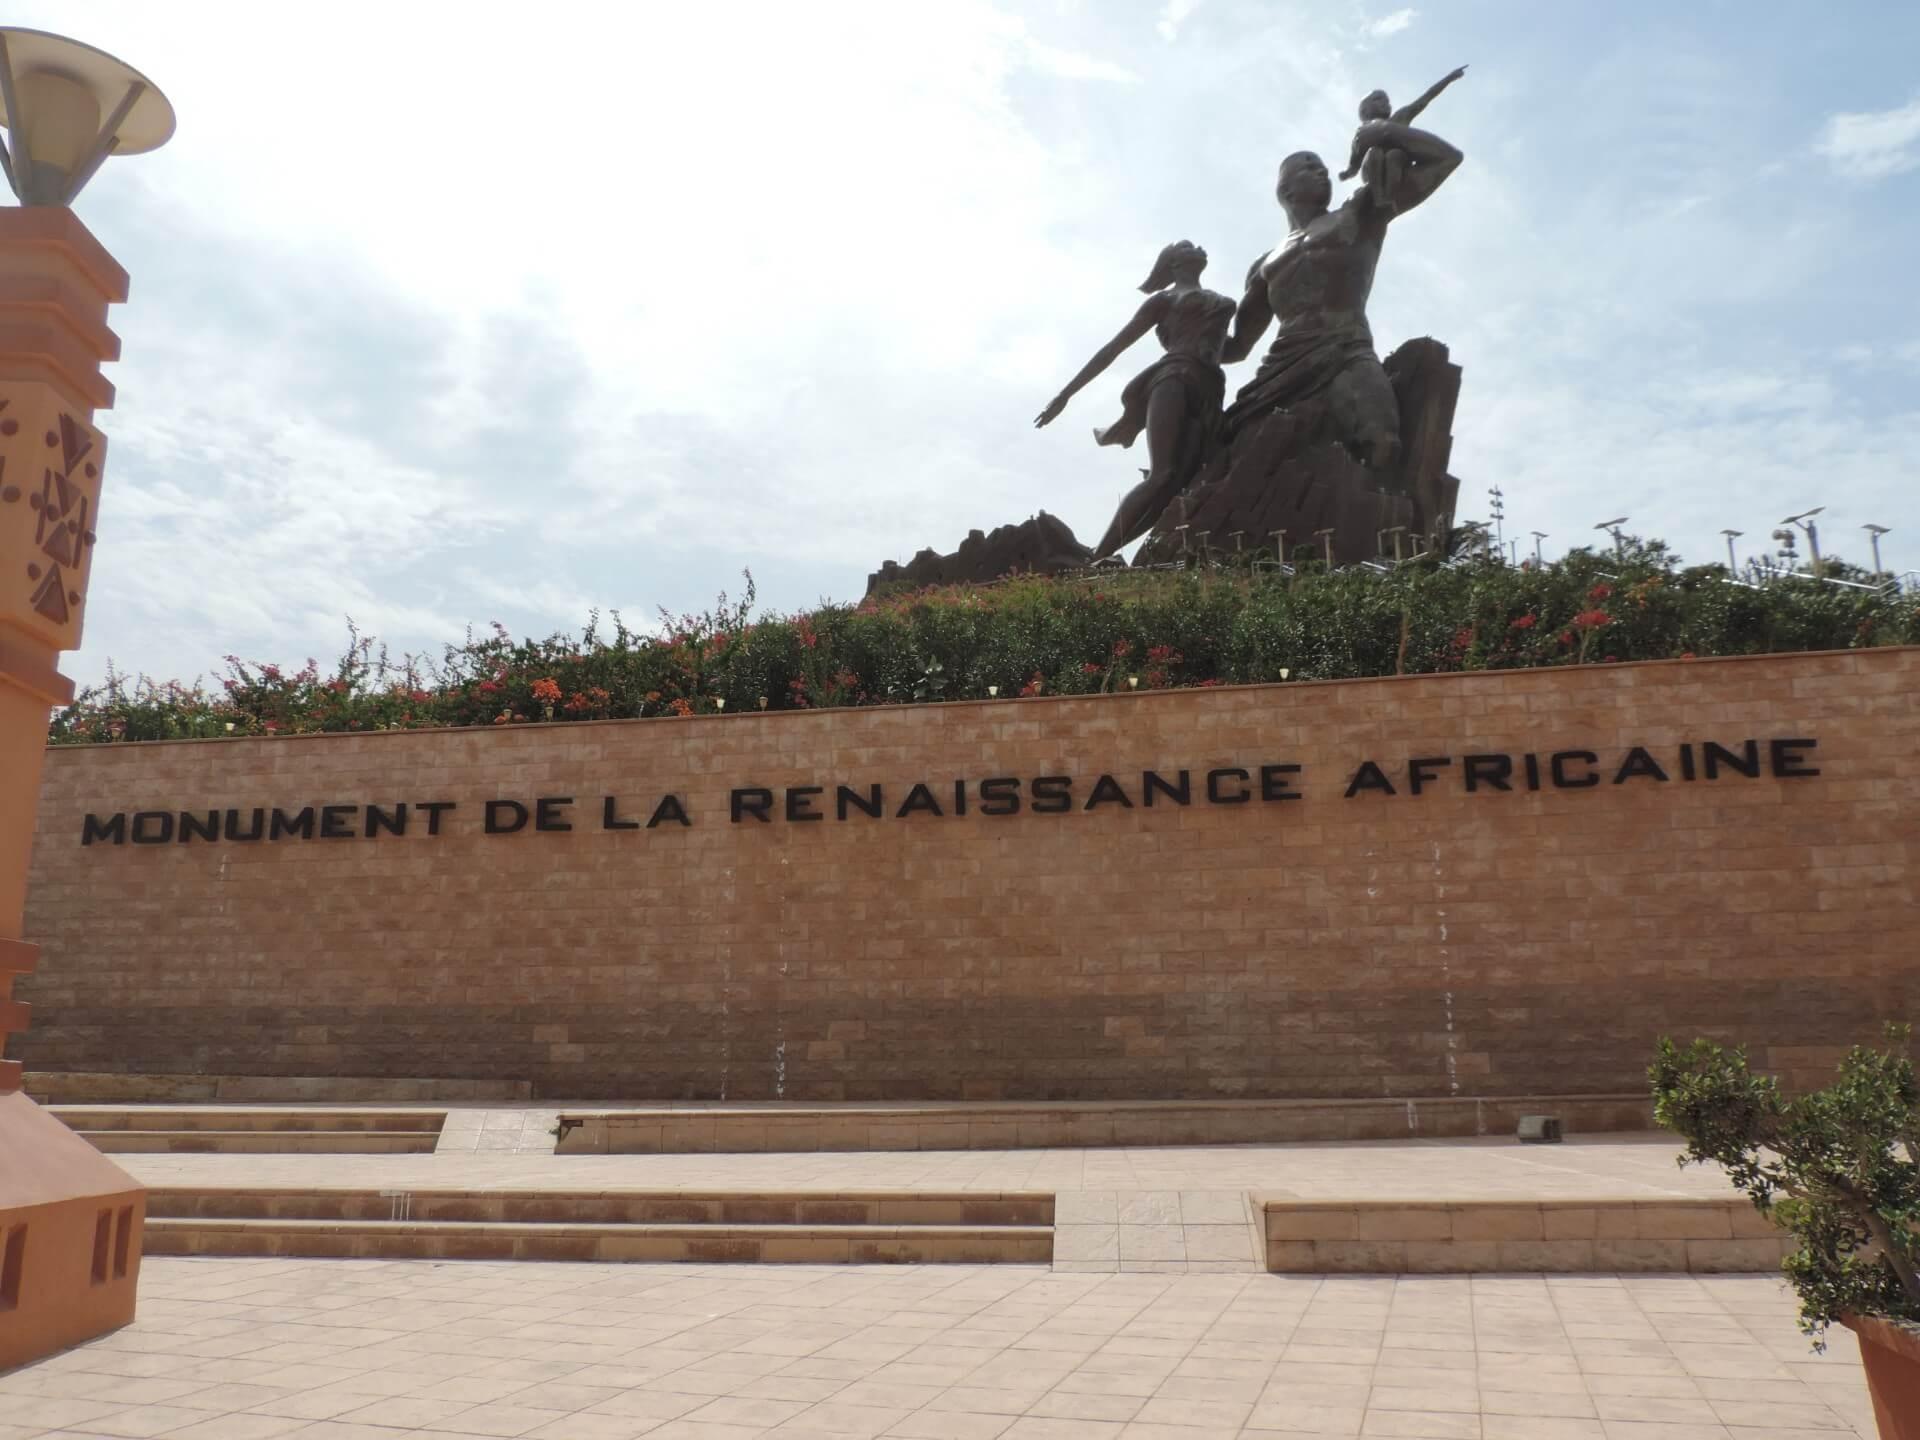 Dakar monument de la renaissance africaine